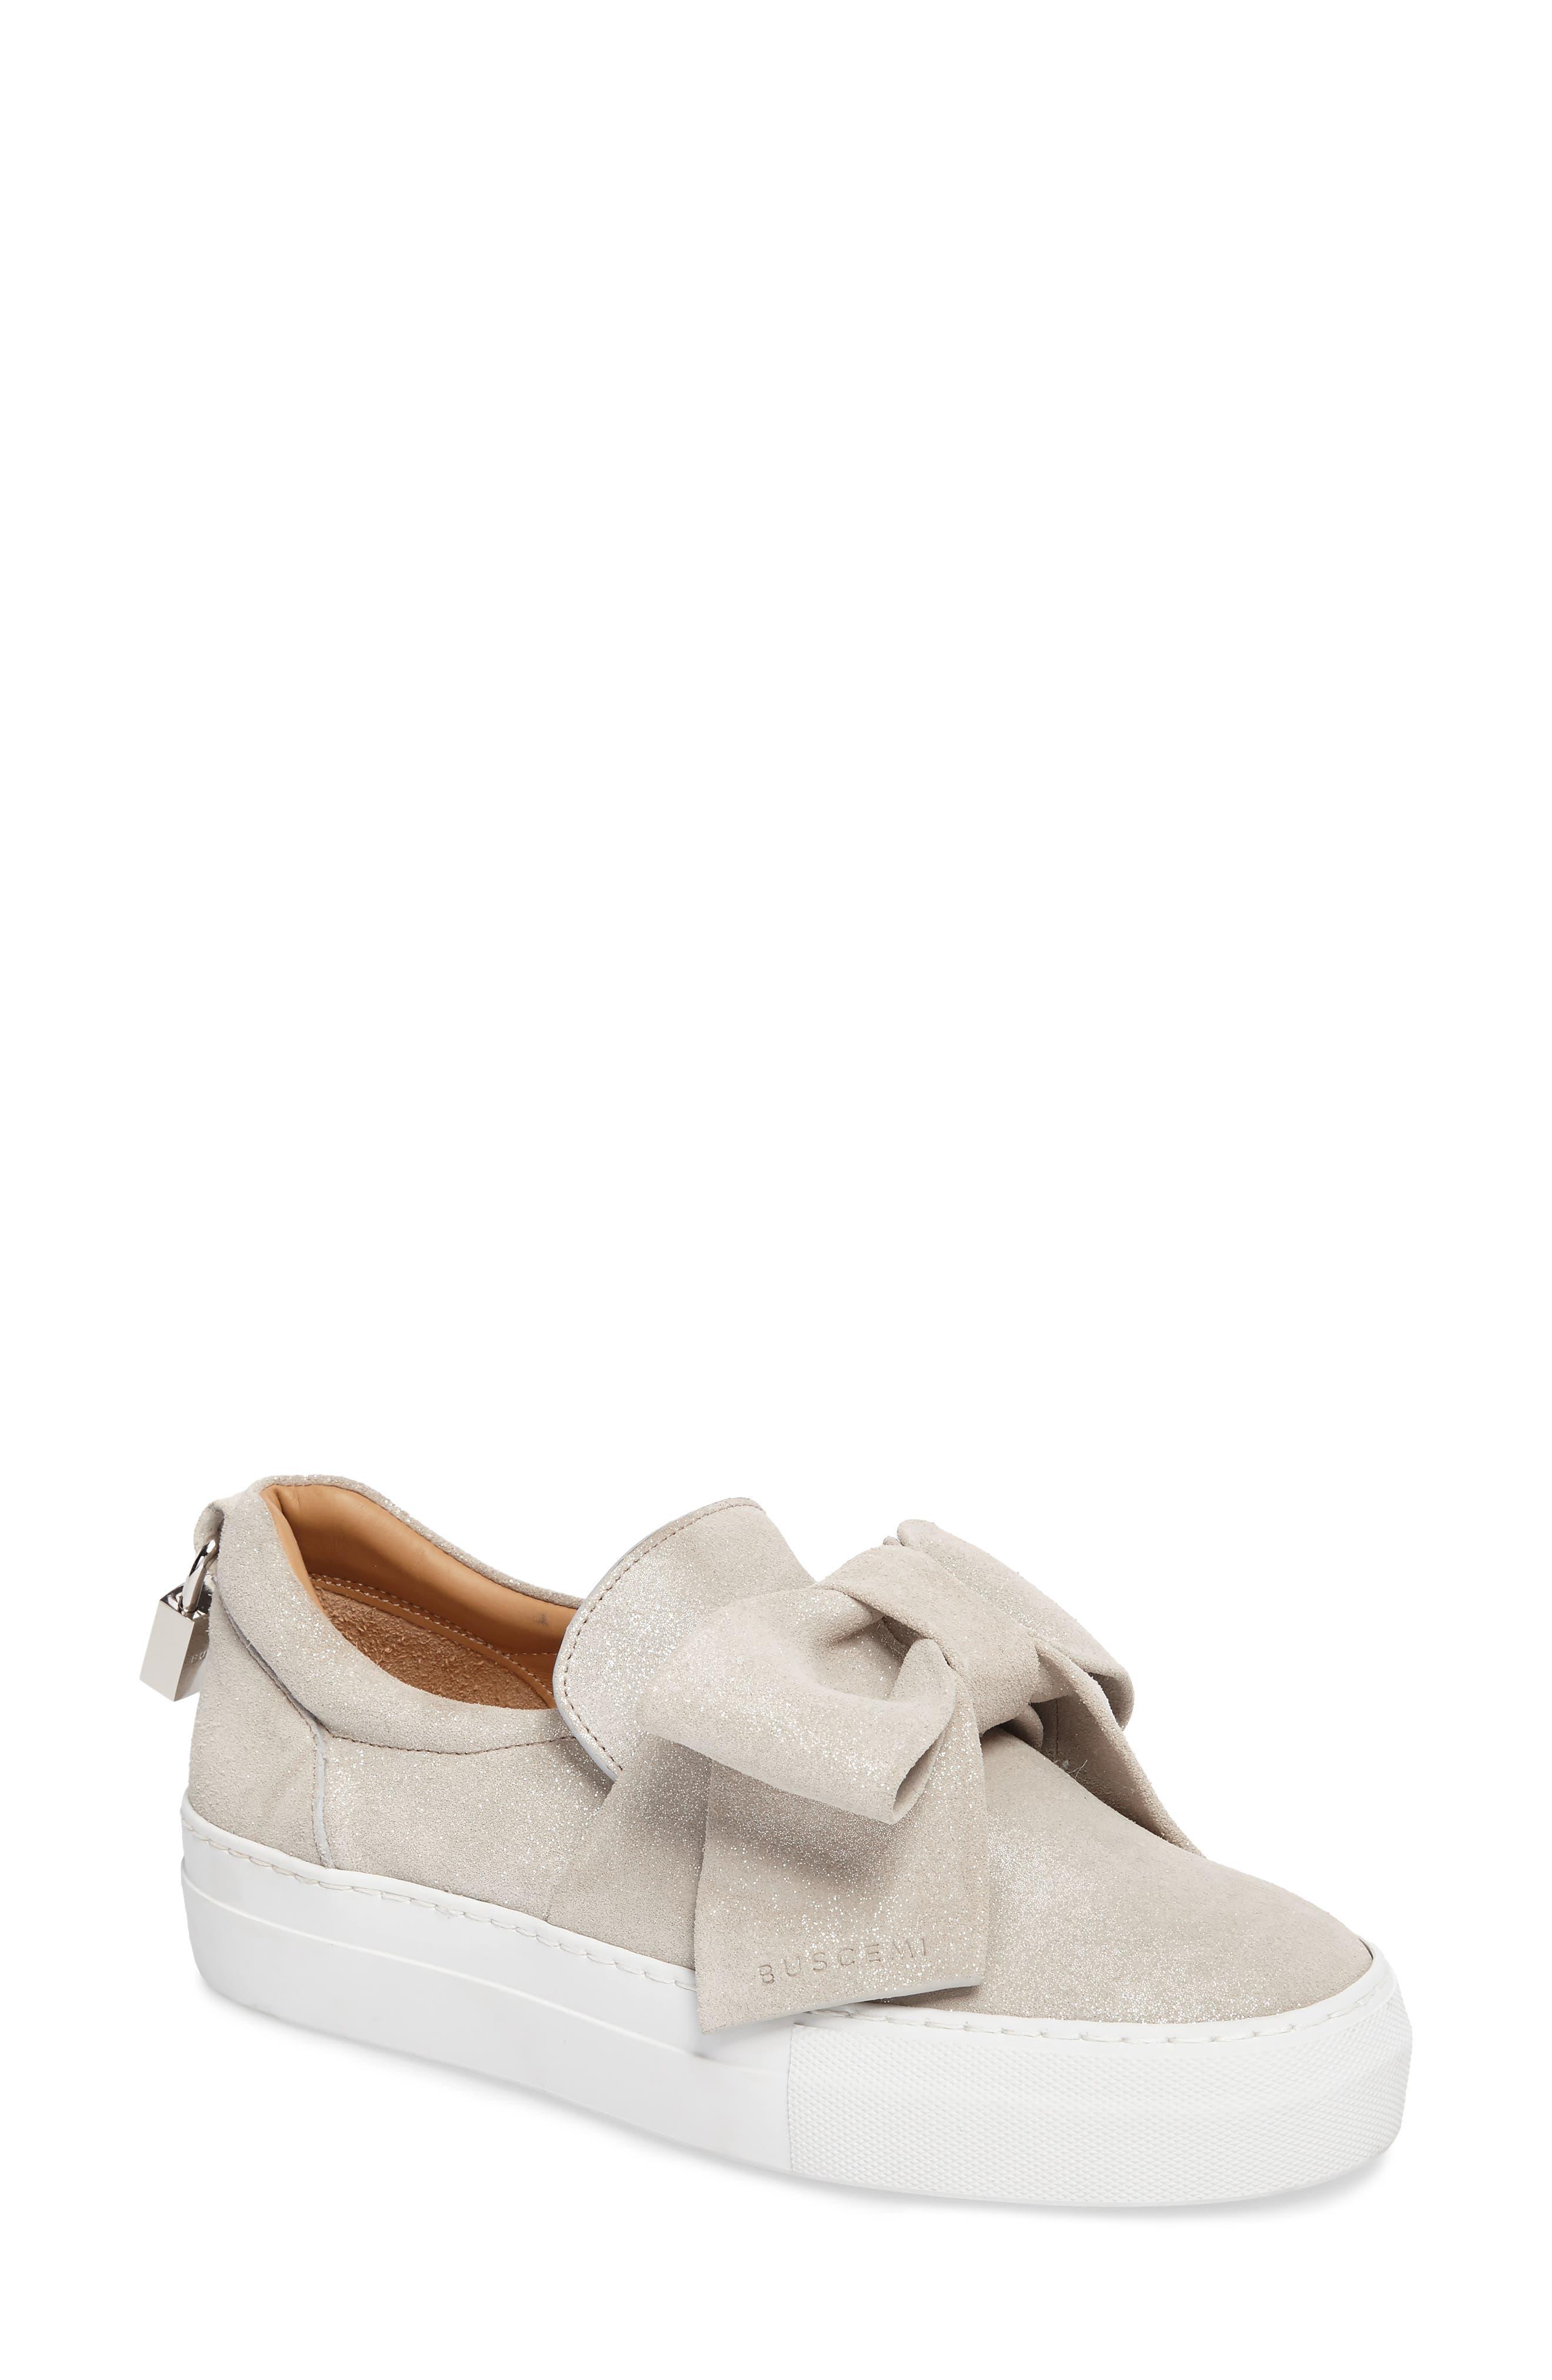 Alternate Image 1 Selected - Buscemi Bow Slip-On Sneaker (Women)